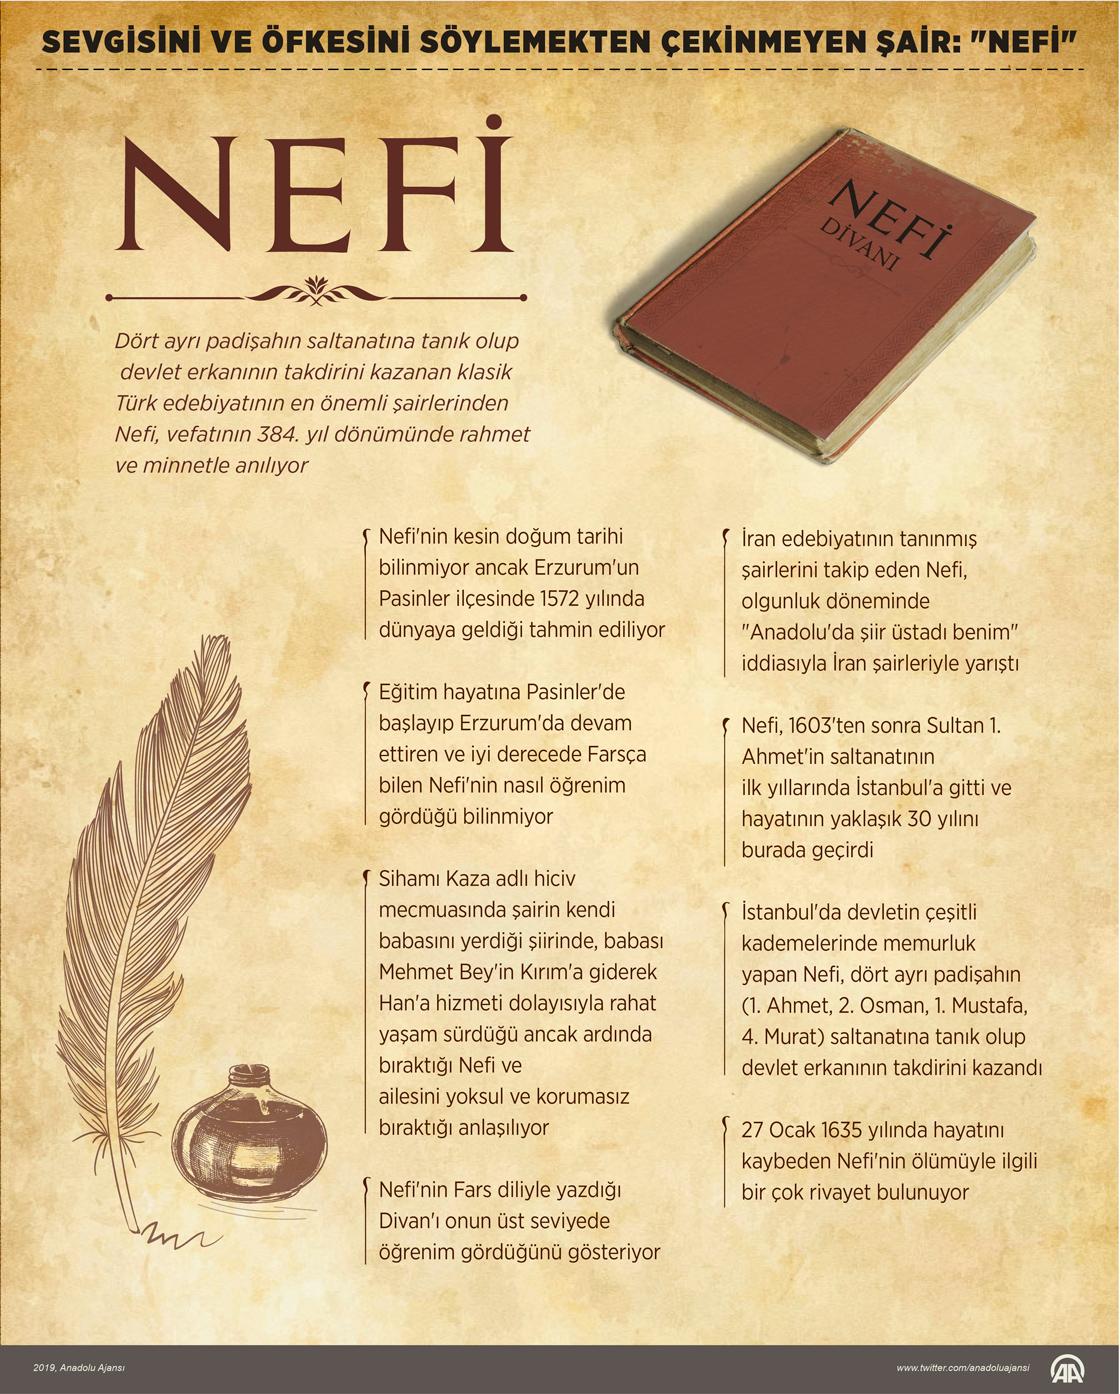 Sevgisini ve öfkesini söylemekten çekinmeyen şair: 'Nefi'